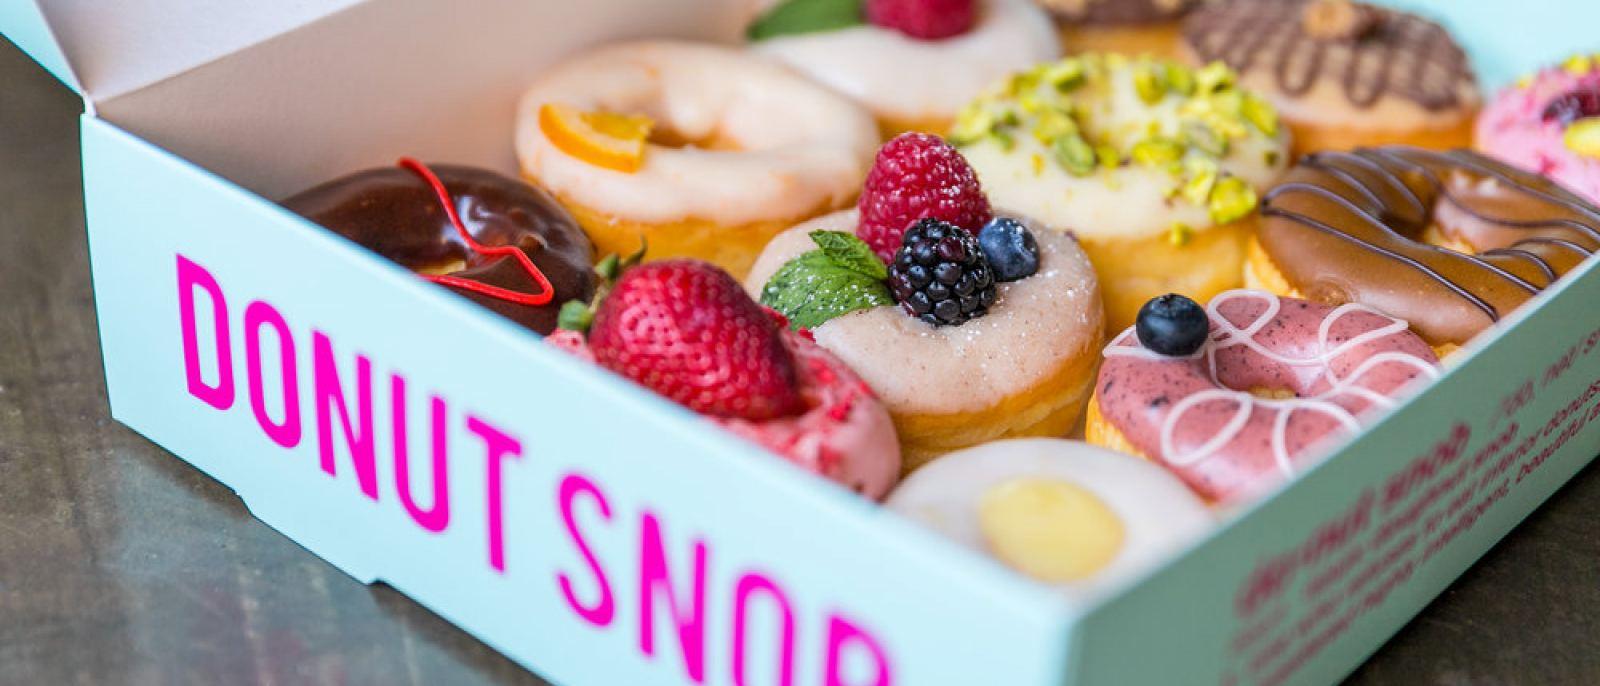 Donut Snob